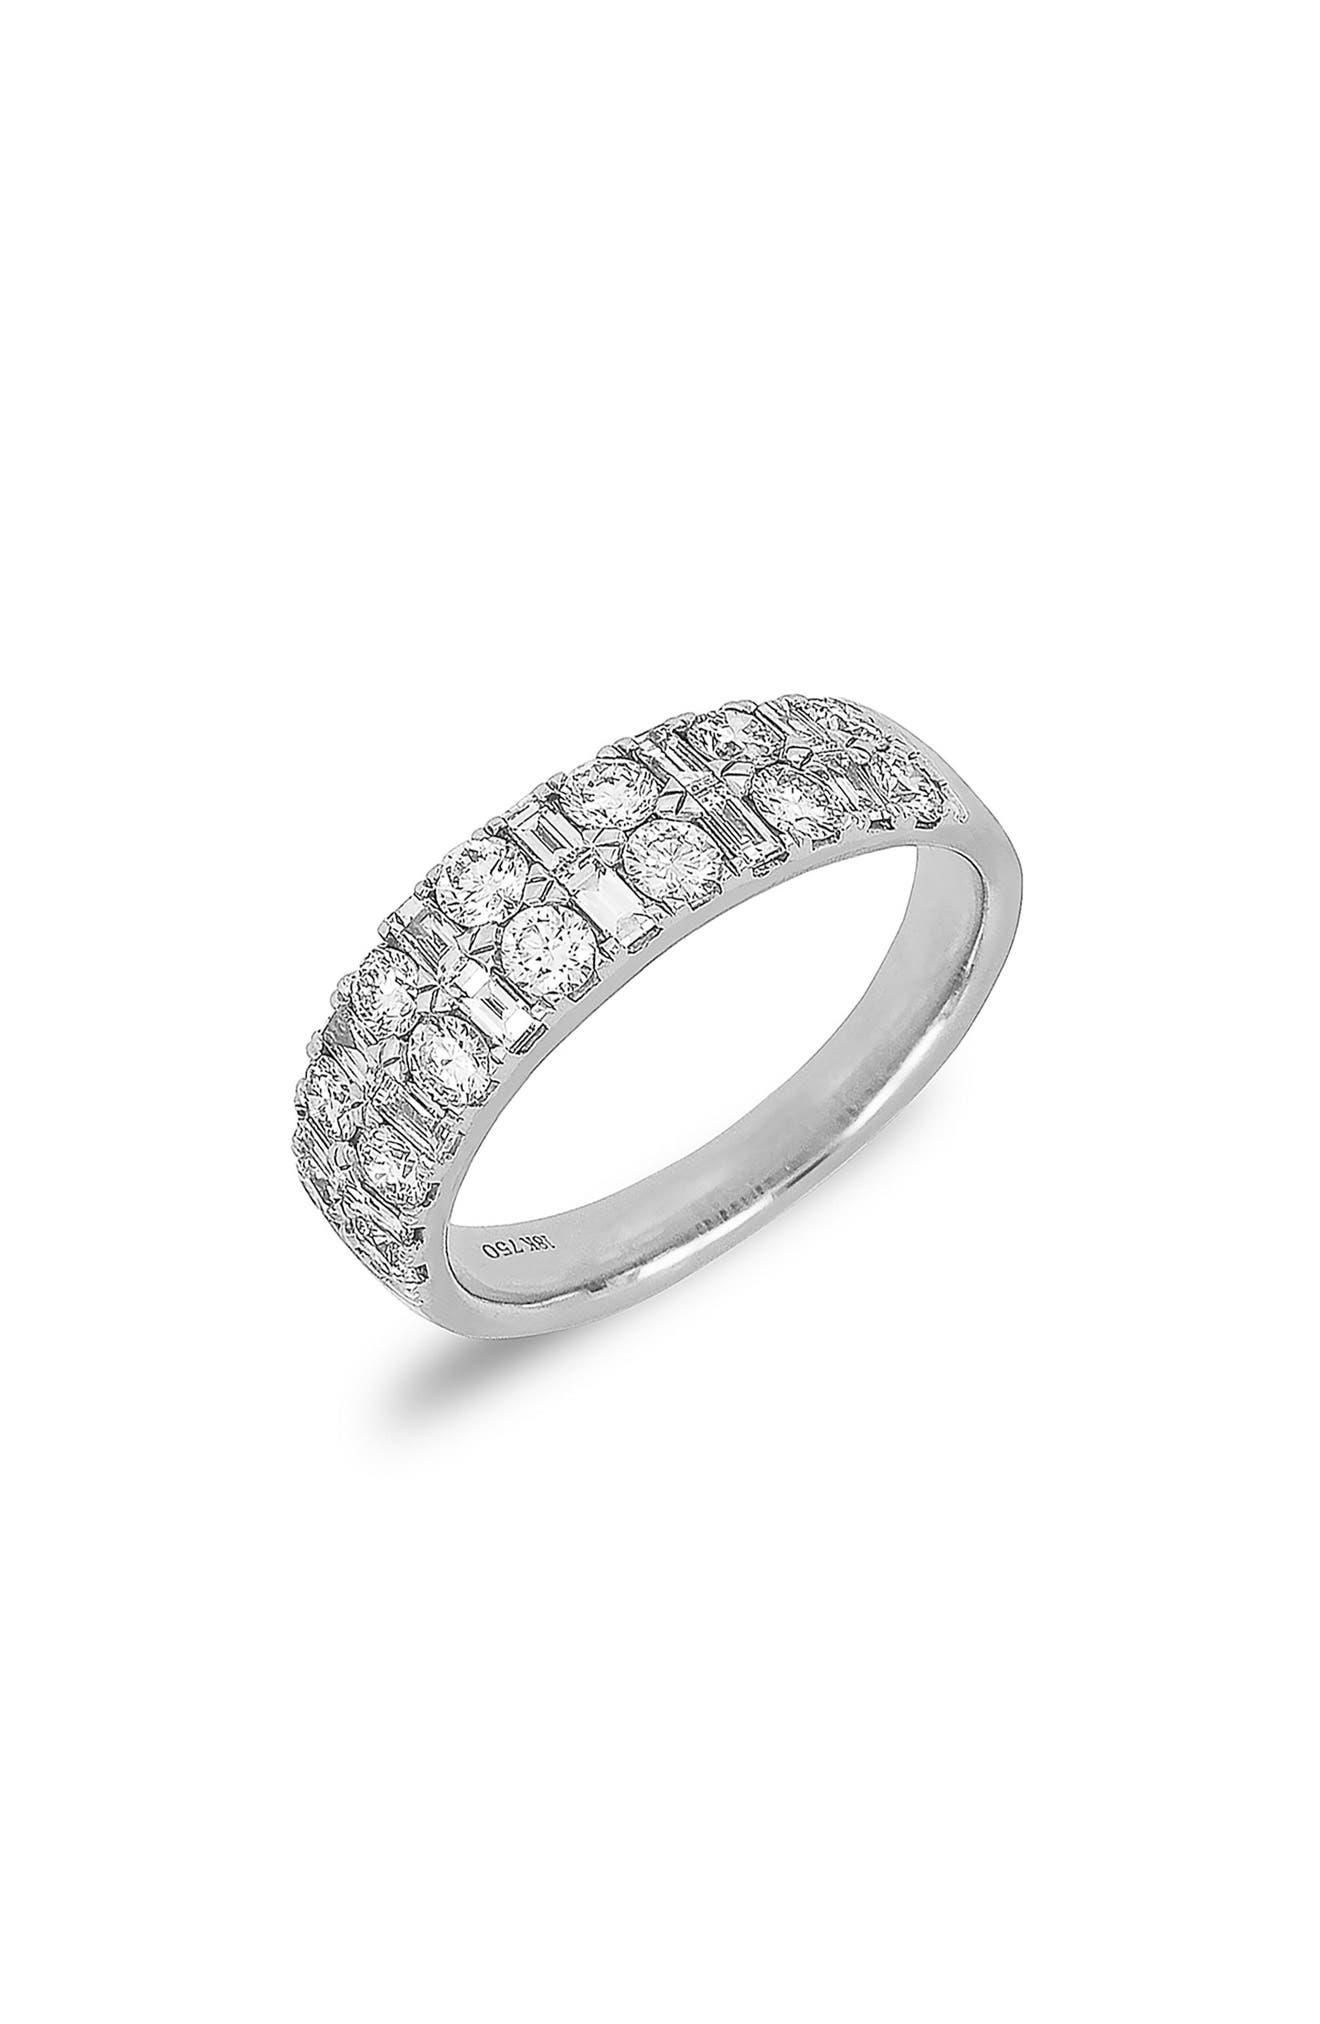 Kiera Multi Shape Diamond Ring,                             Alternate thumbnail 2, color,                             WHITE GOLD